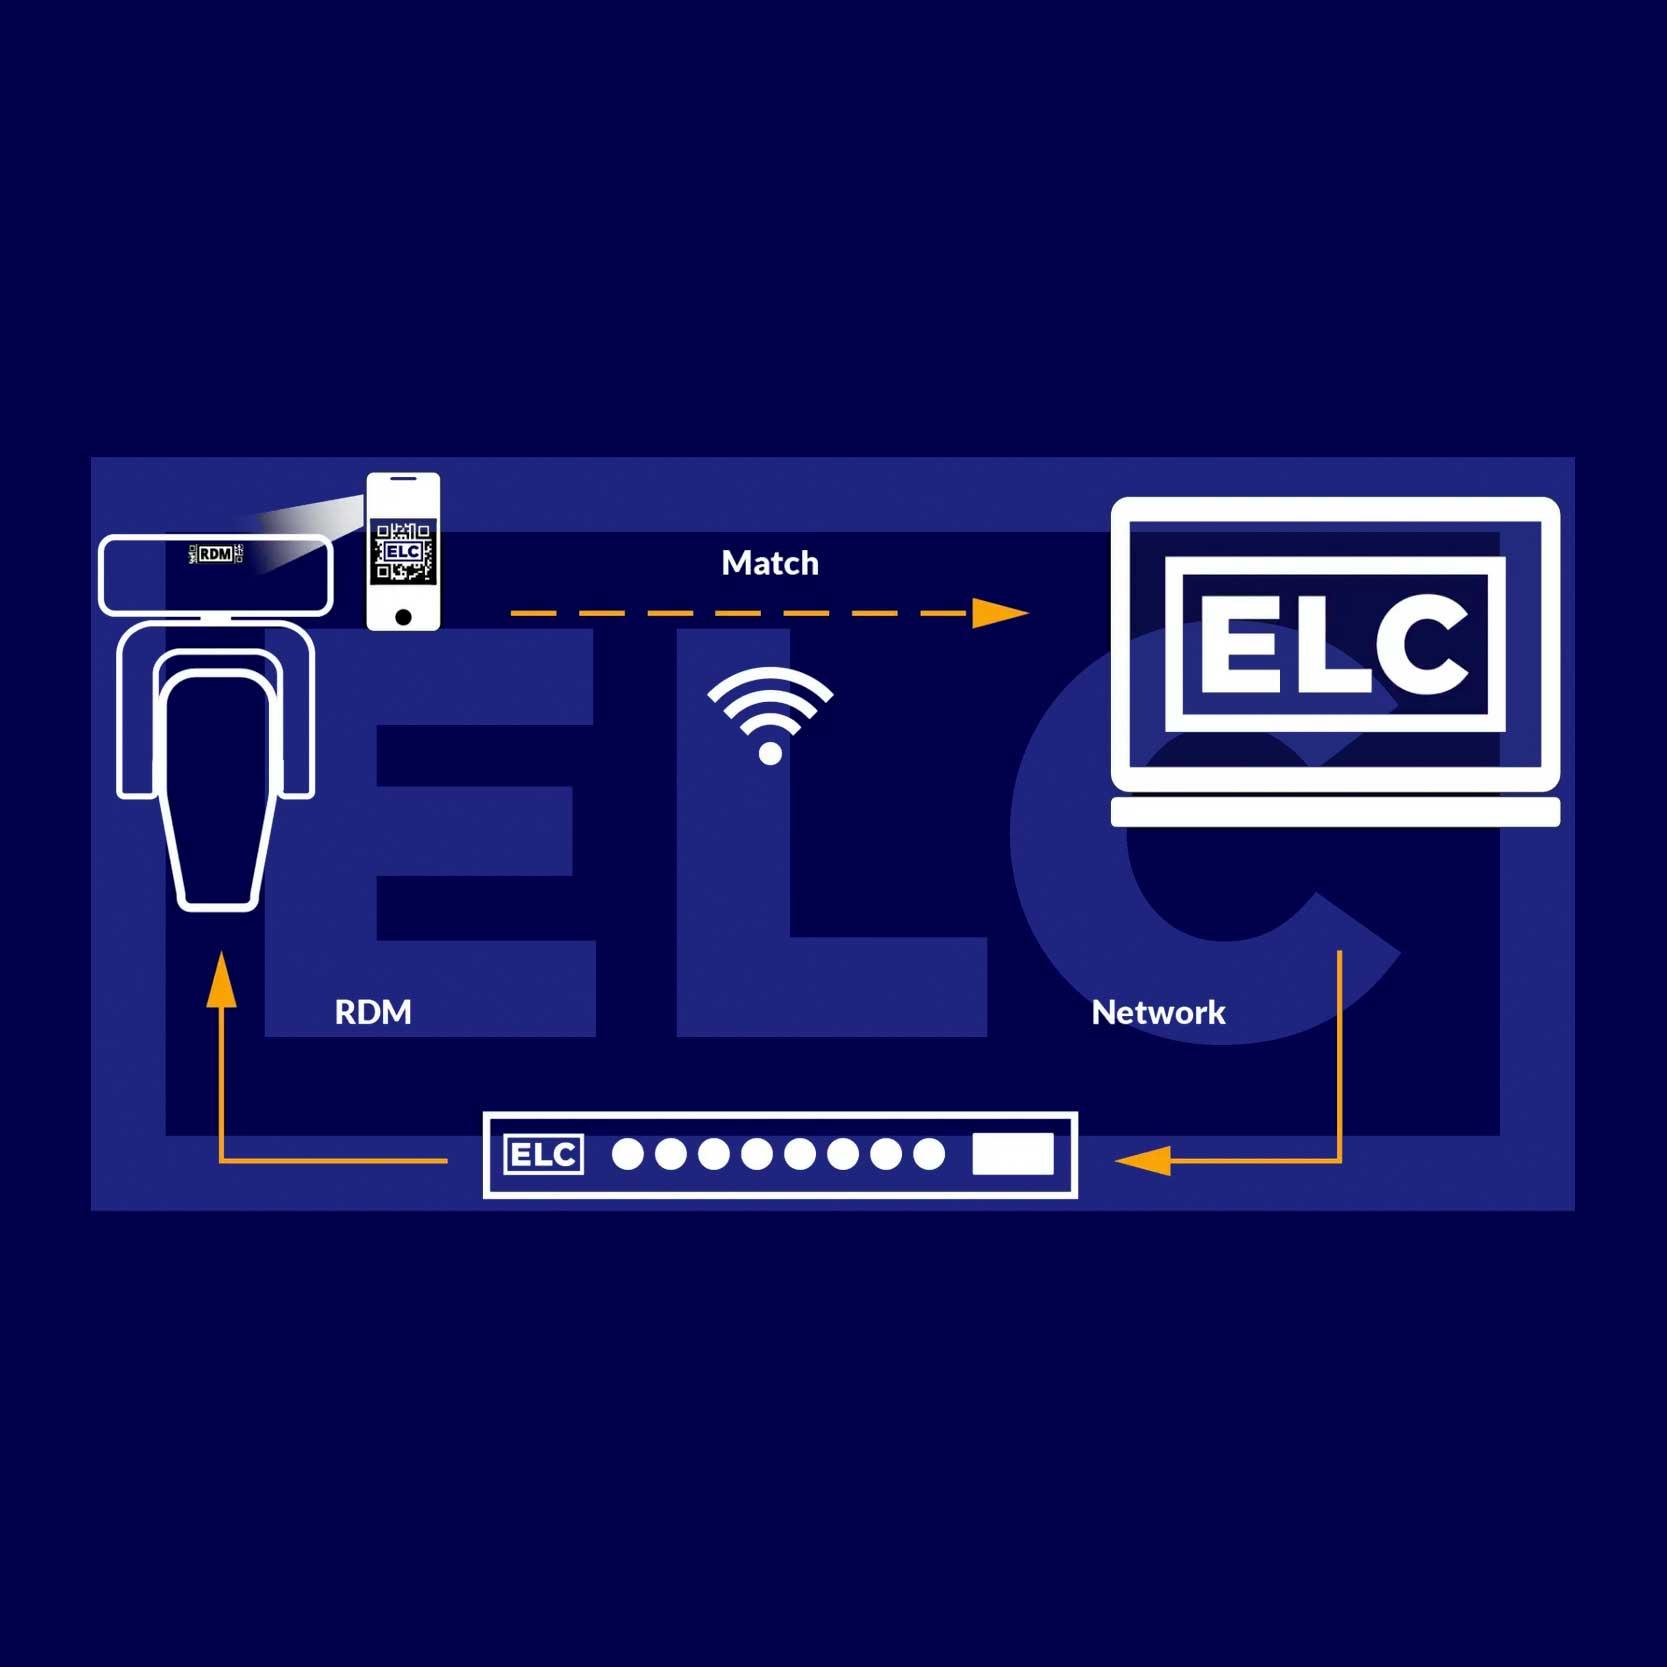 RDM-Adressierung und Fixture-Management leicht gemacht mit ELC Lighting dmXLAN QR und dmXLAN F!X